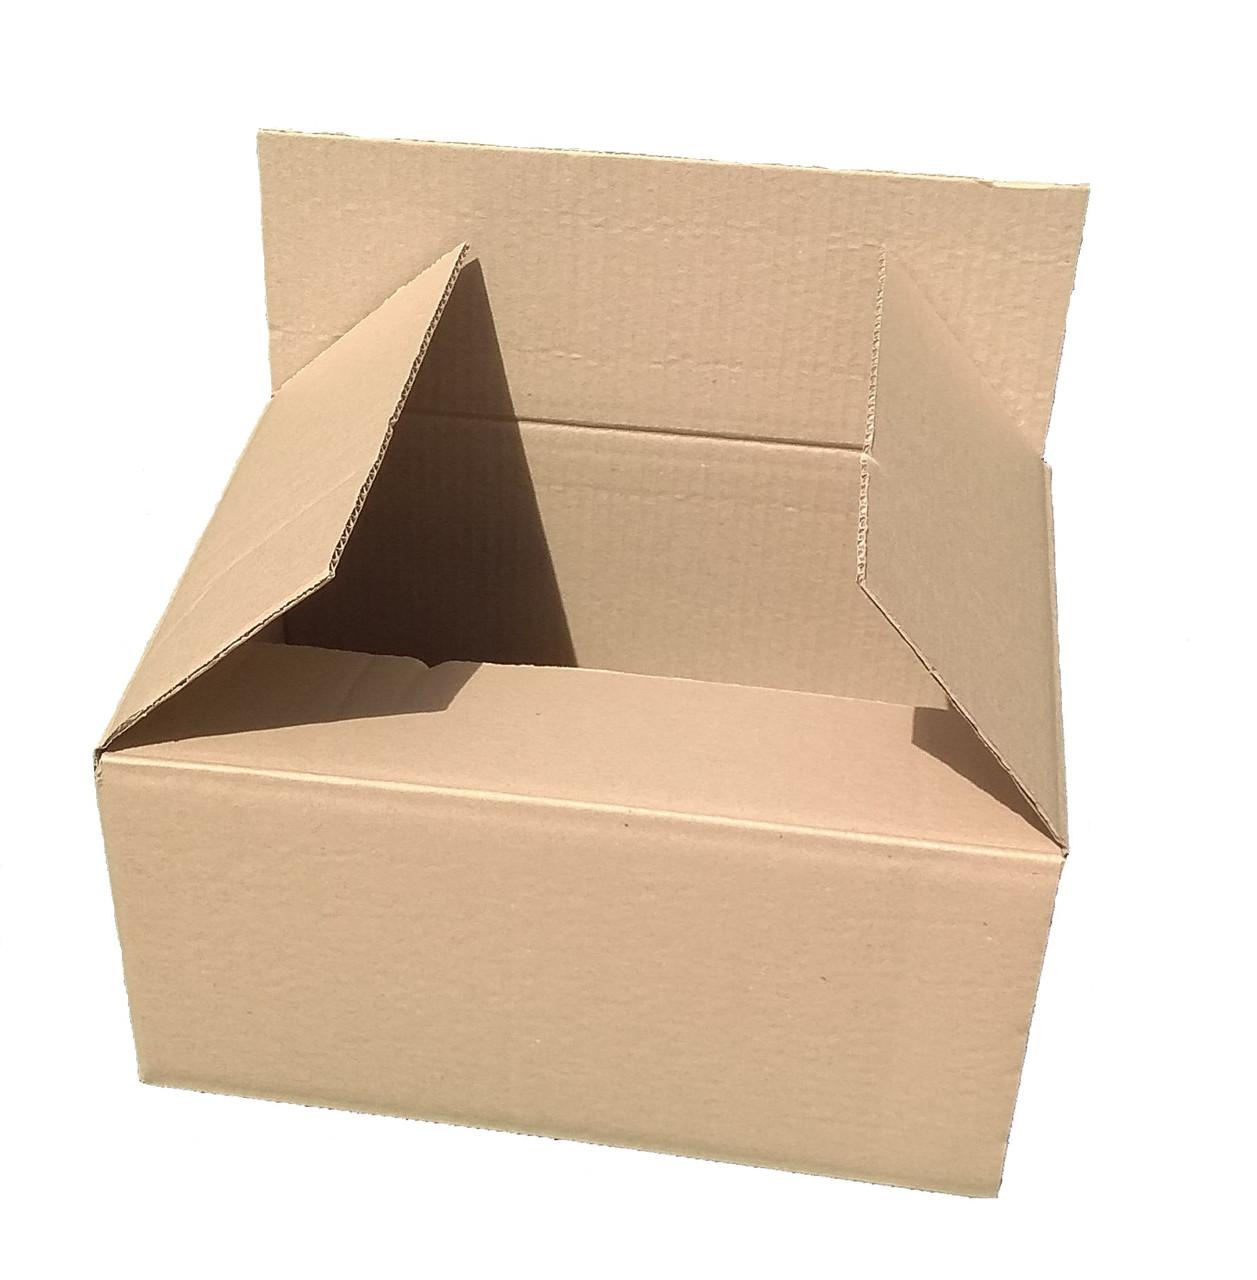 Гофроящики 400х240х210, бурый. Картонные коробки новой почты до 5 кг